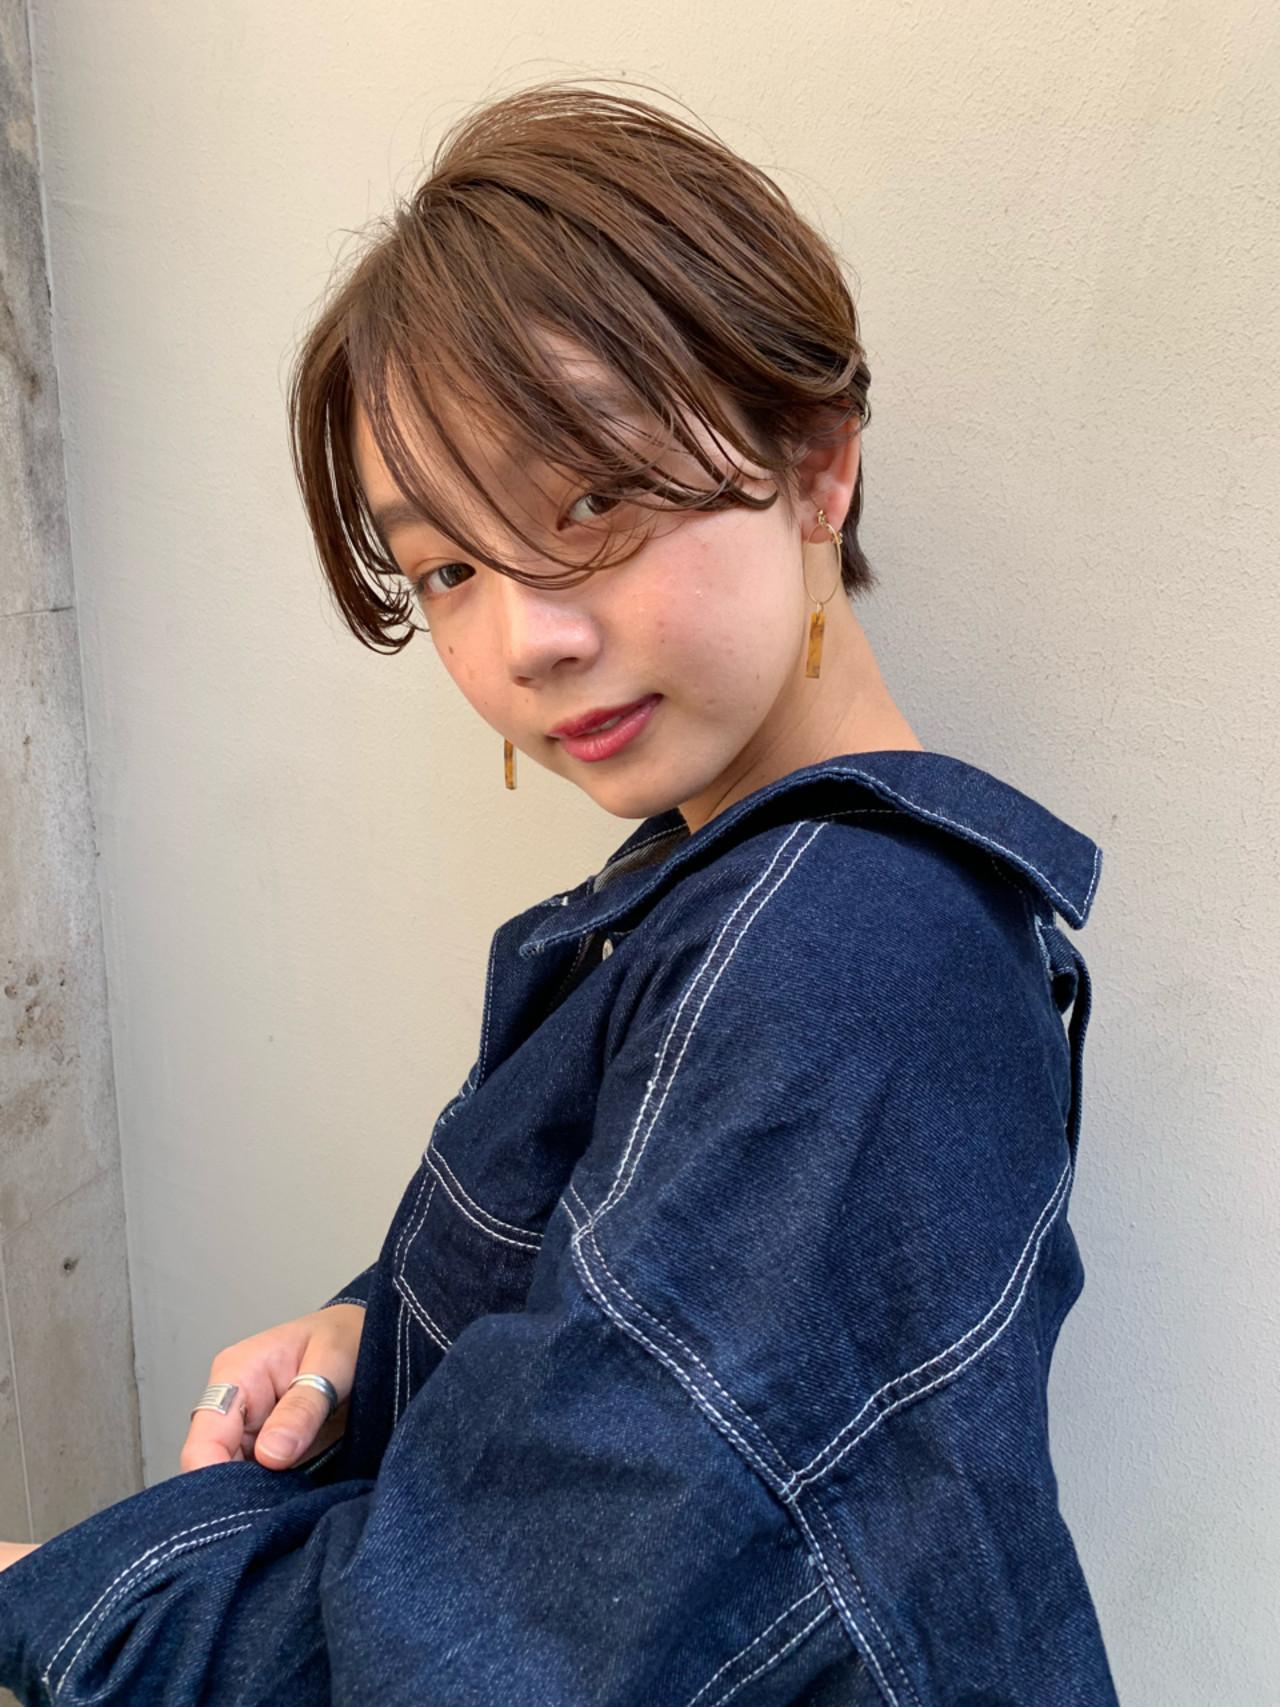 前髪なしの小顔ショート 羽田ひろむ  LAiLY by GARDEN